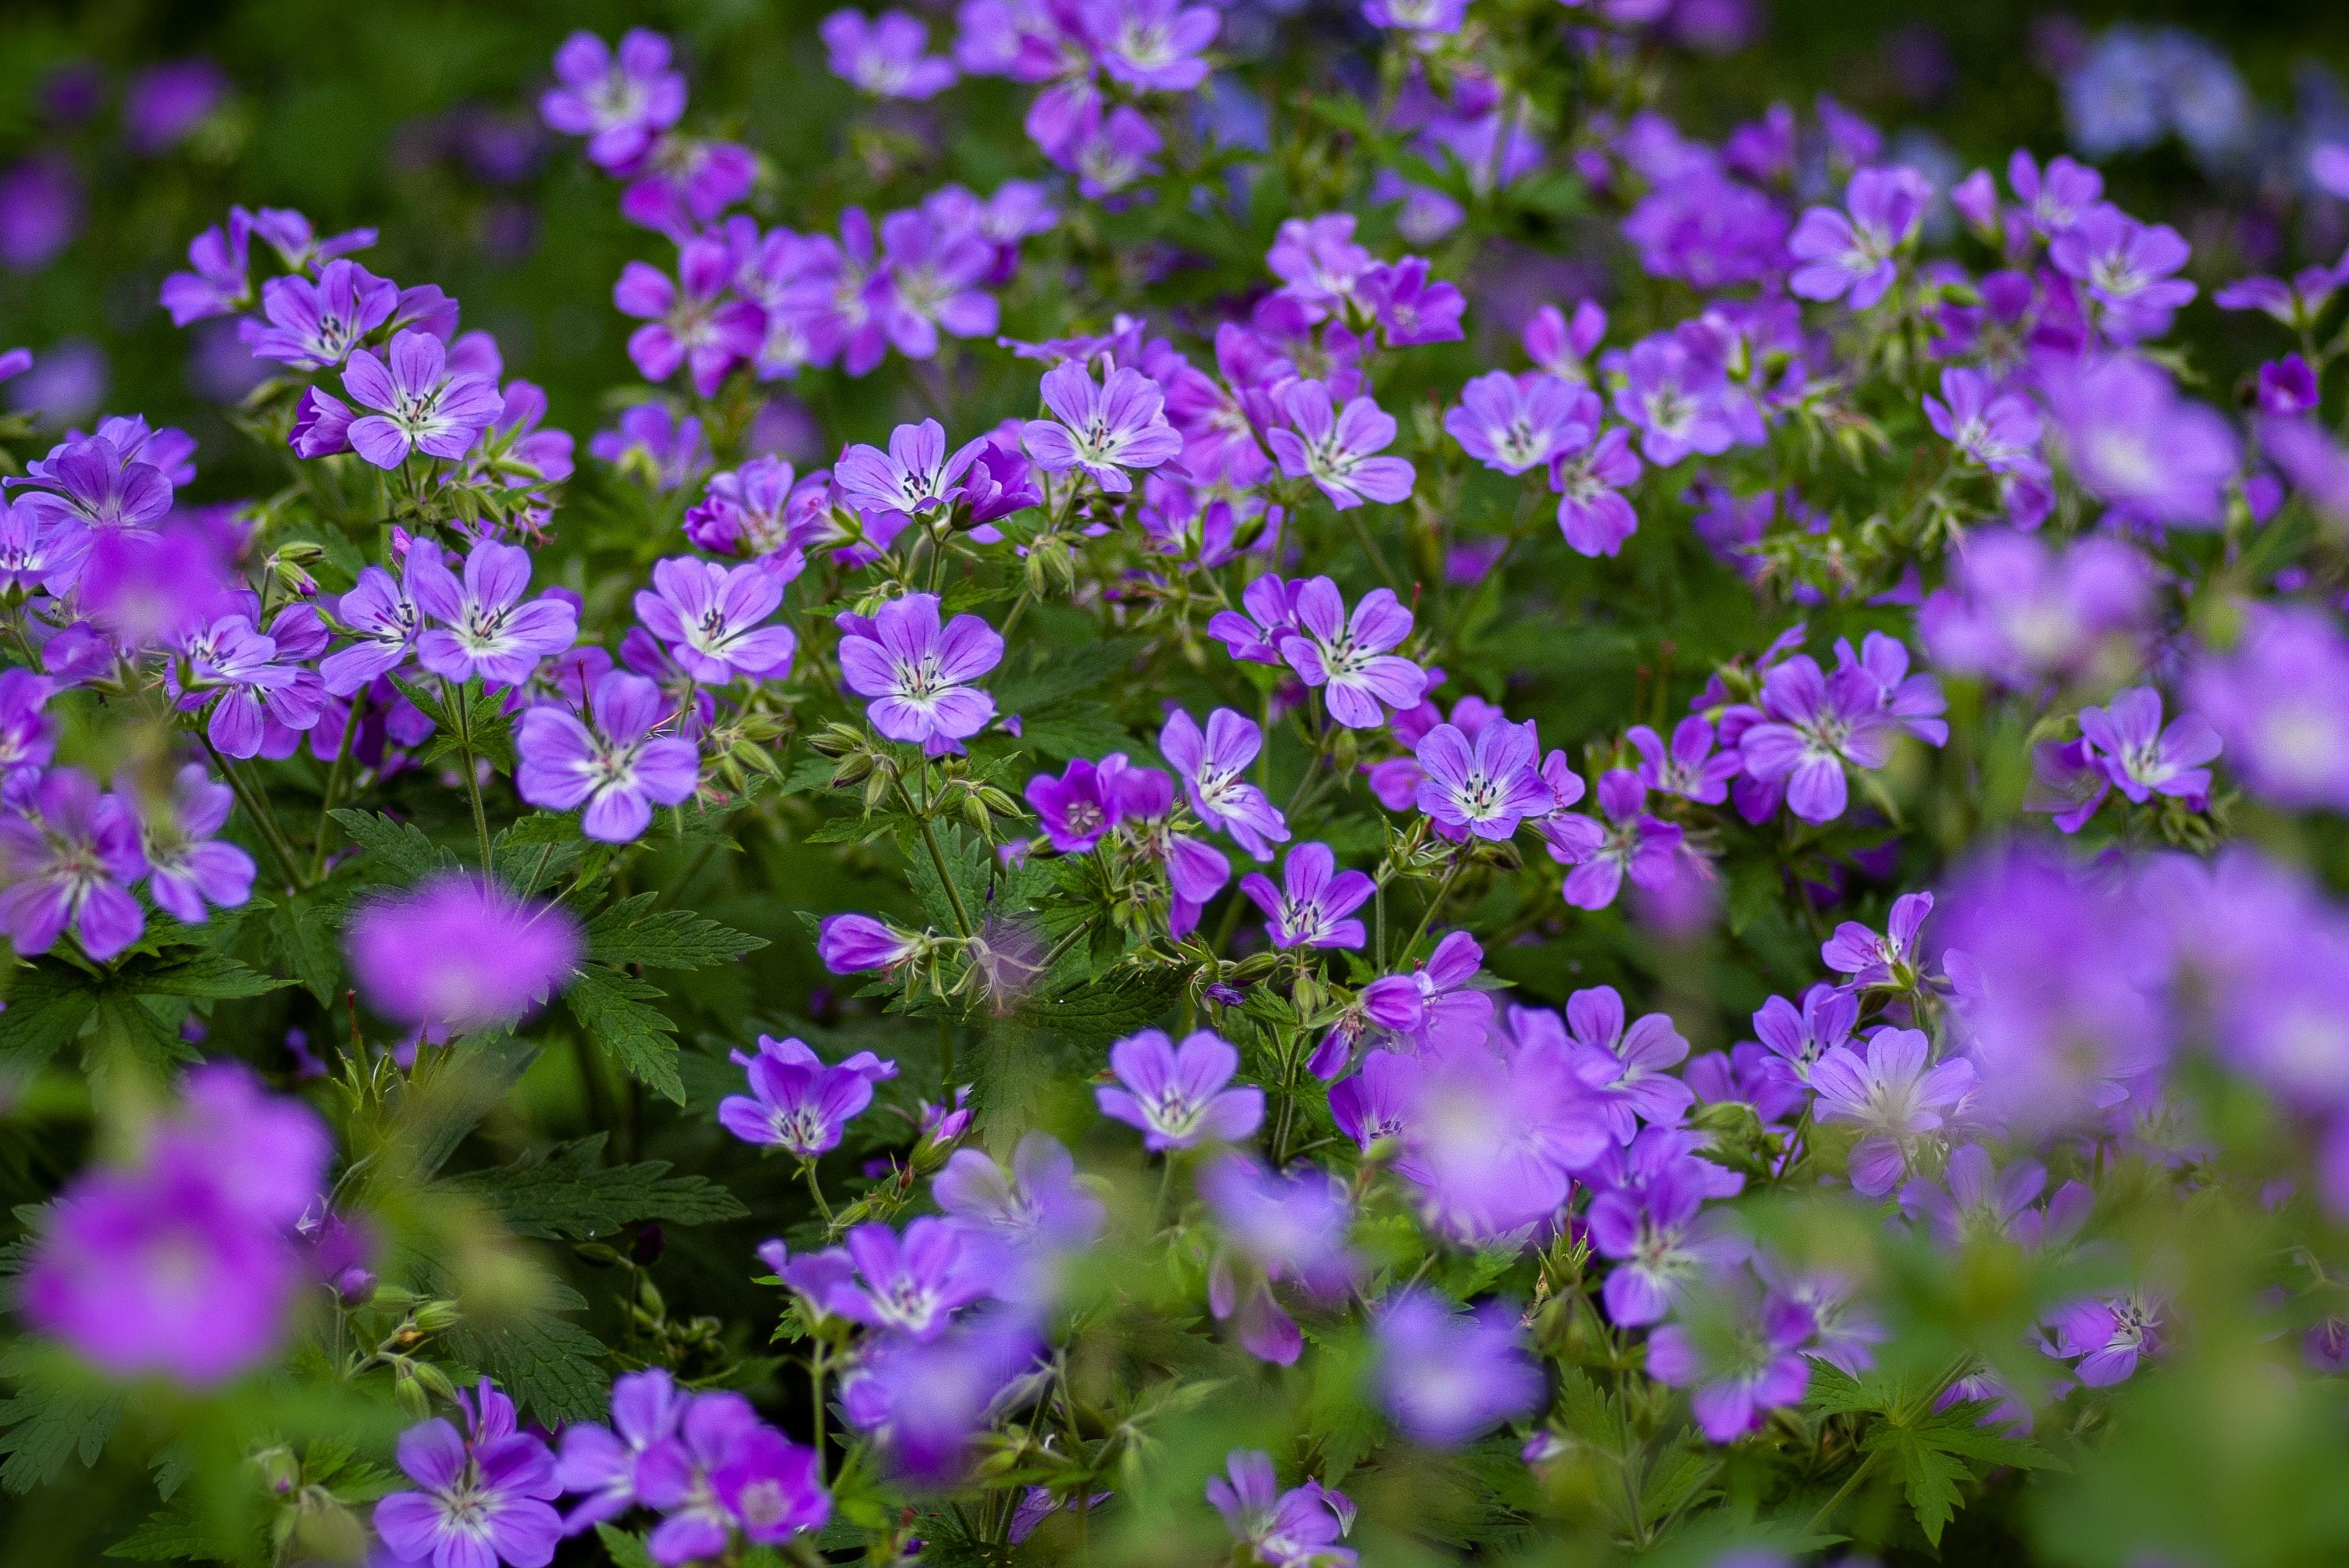 gardens in London garden glowers